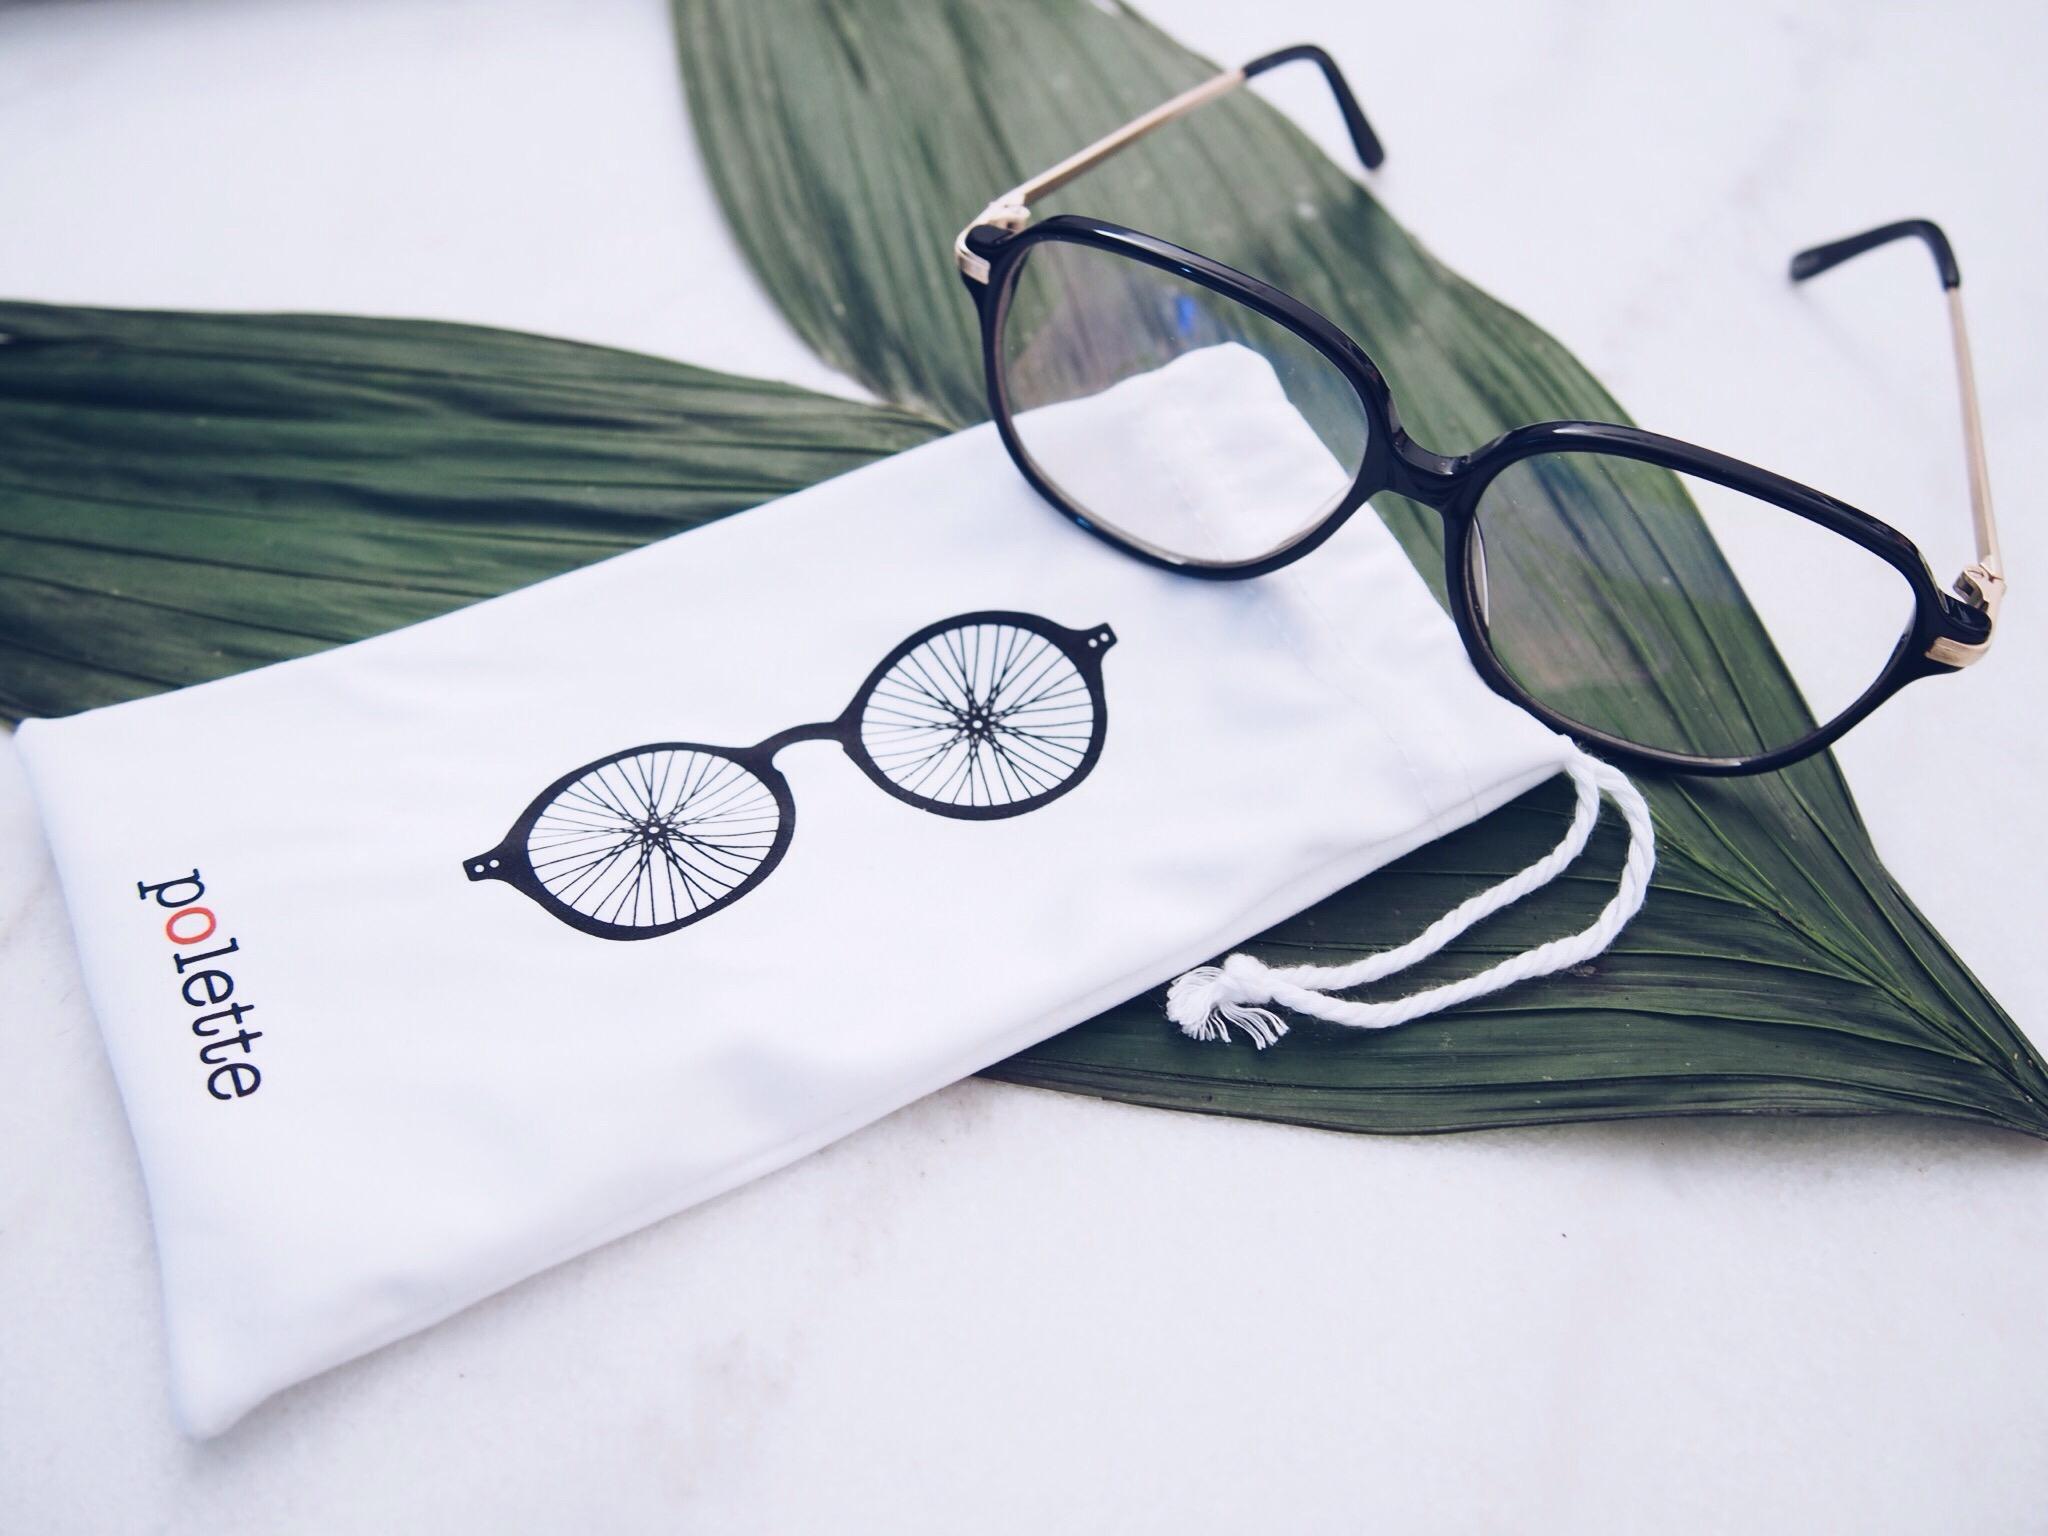 lusine_a_lunettes_polette_lumiere_bleue_